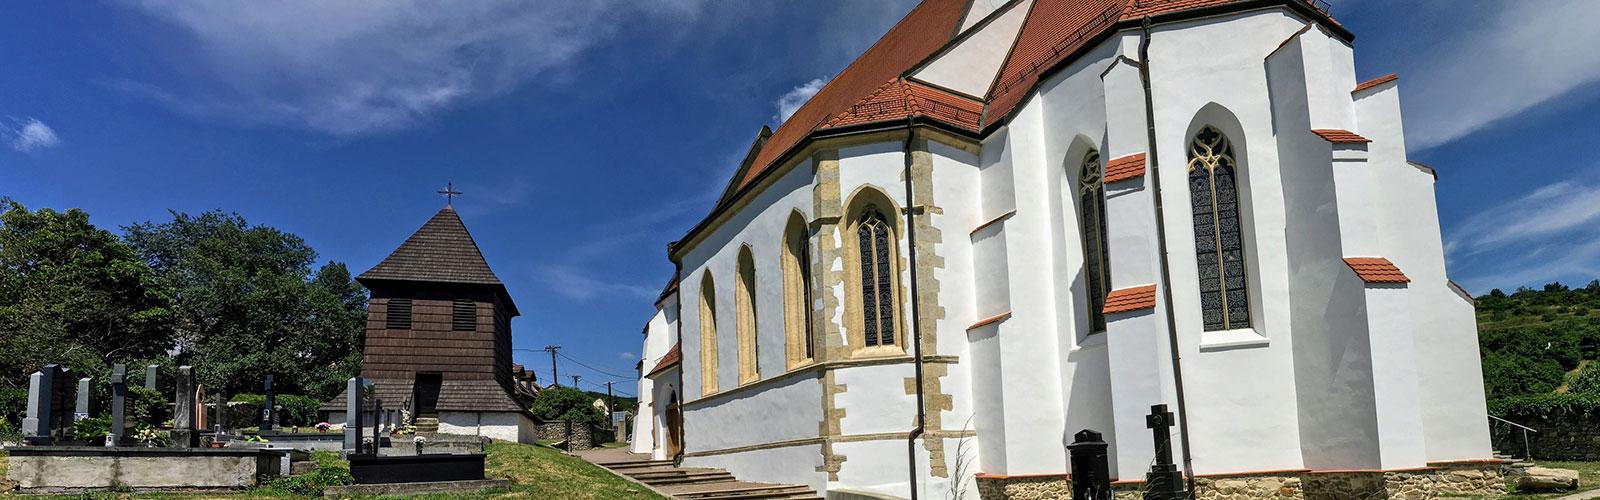 Sanácia kostol Svätý Jur